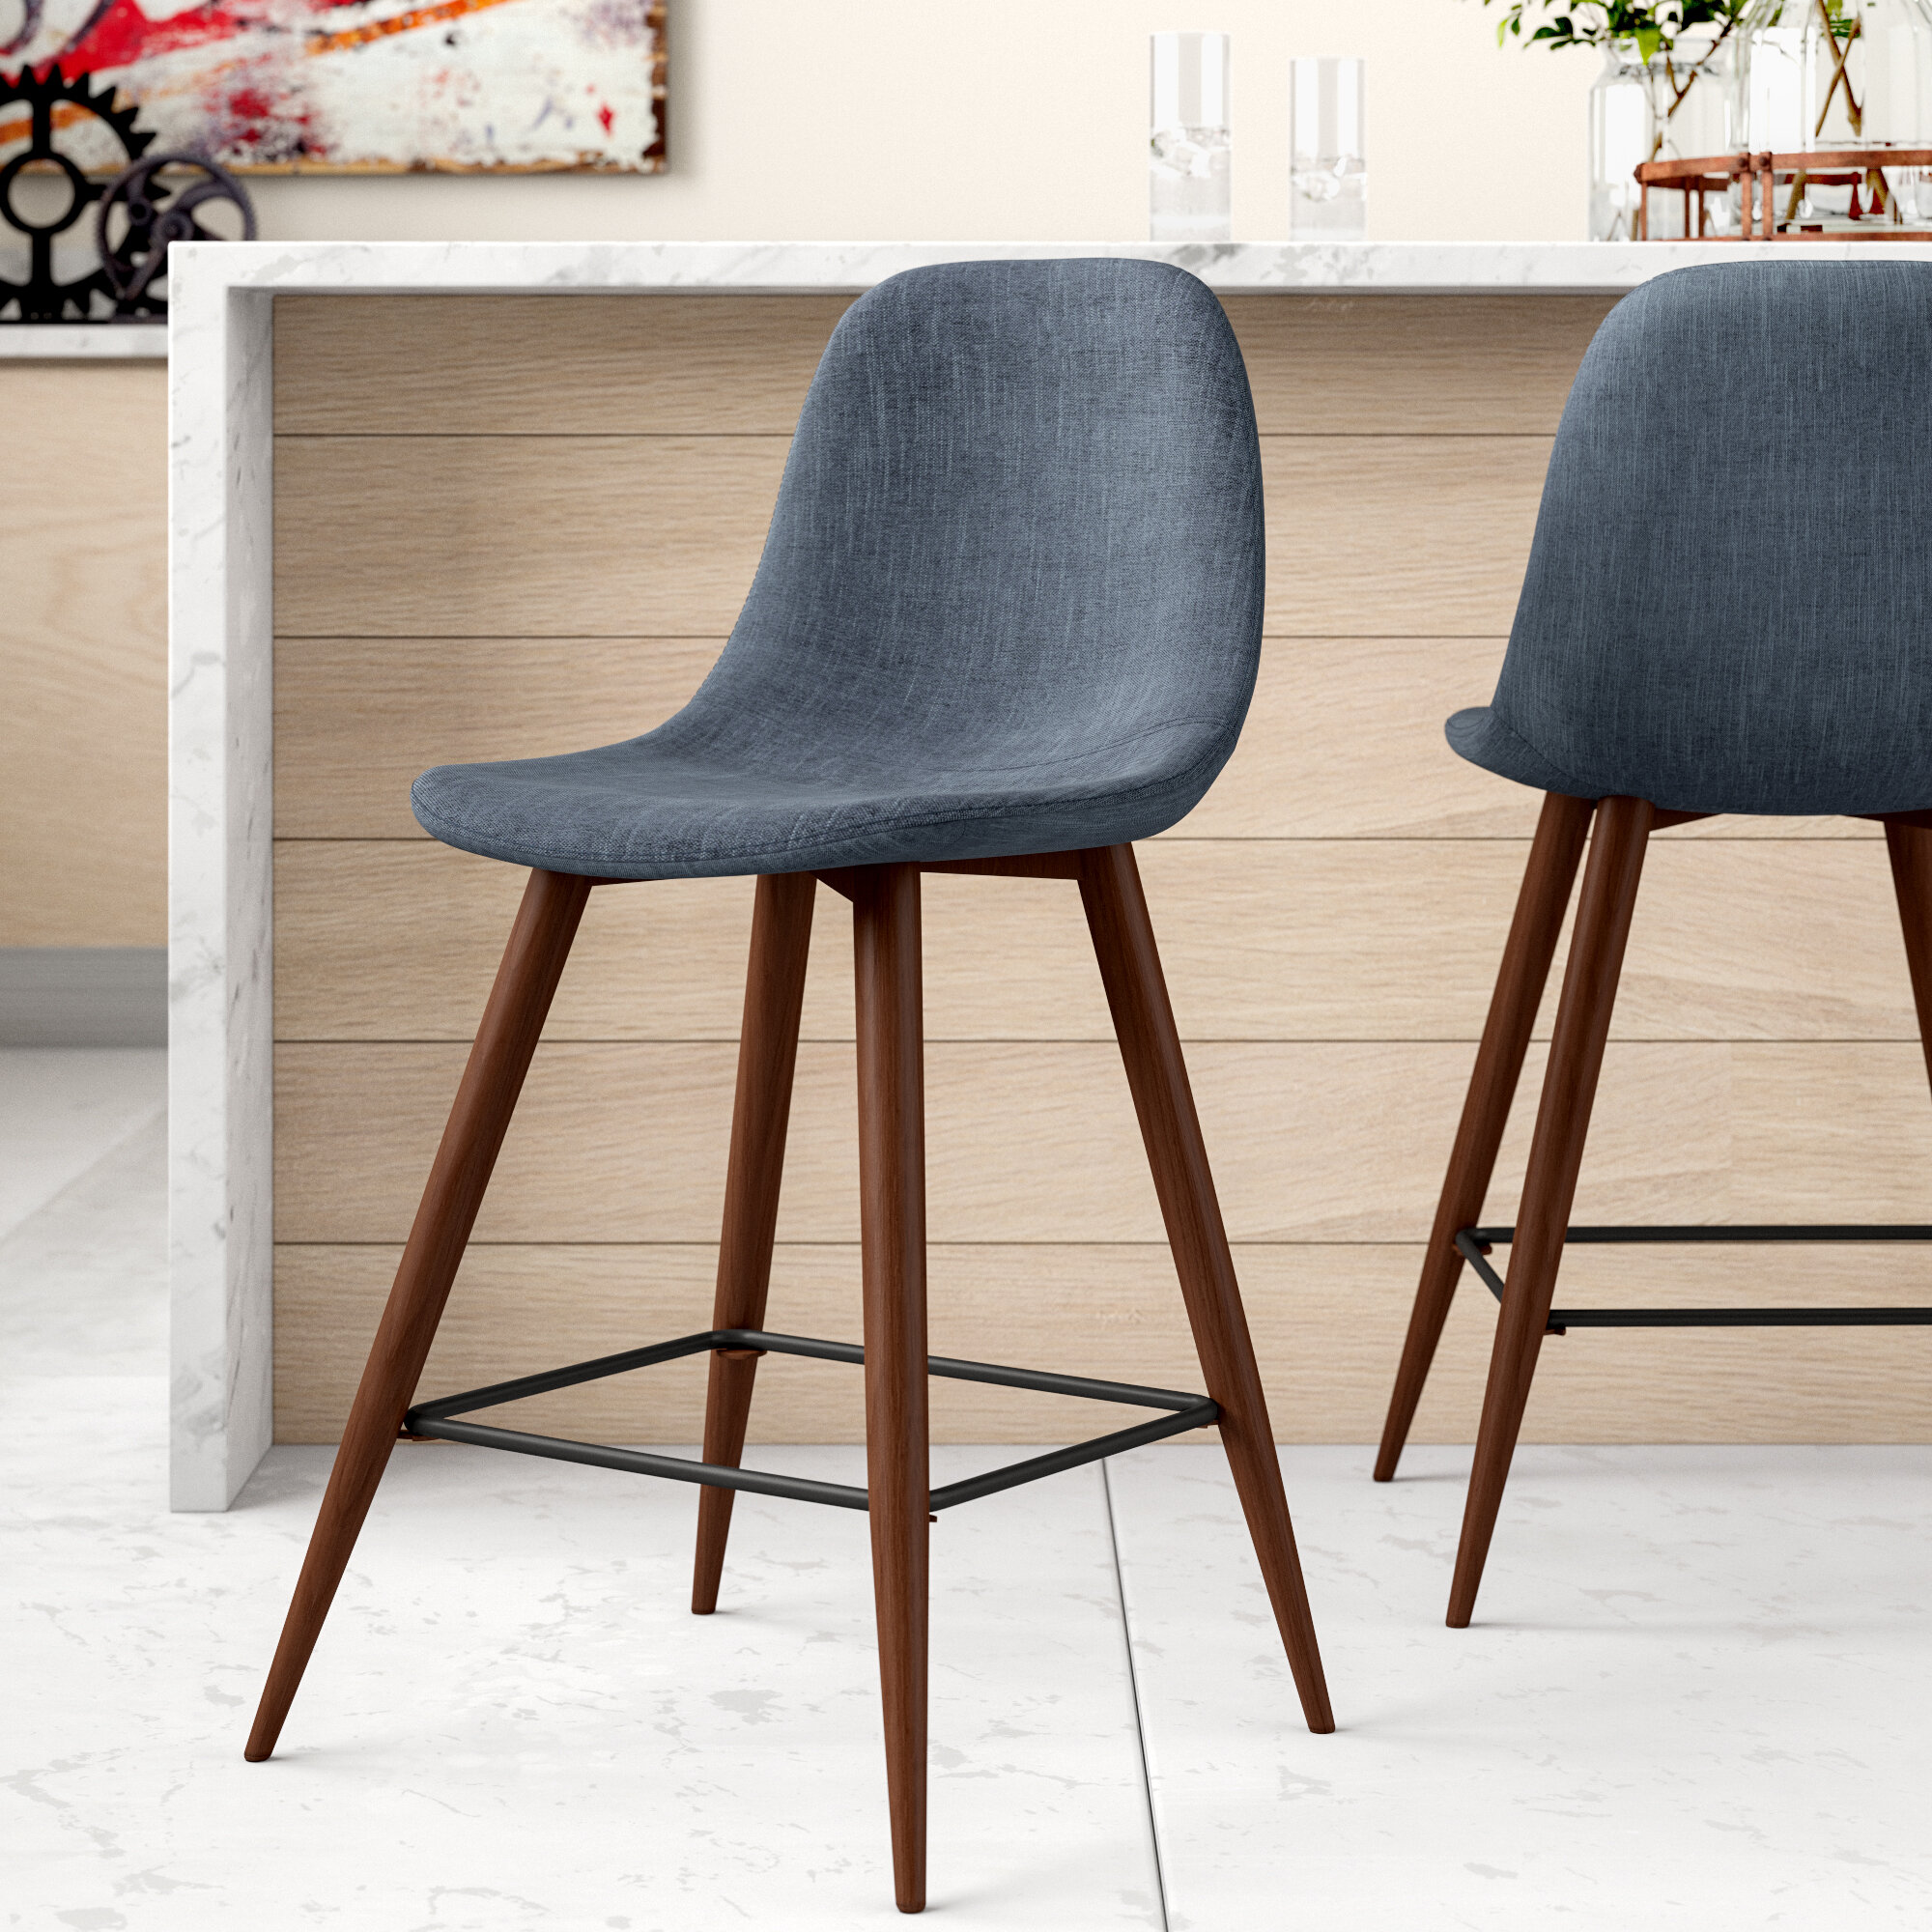 Fabulous Birdsall Bar Counter Stool Beatyapartments Chair Design Images Beatyapartmentscom